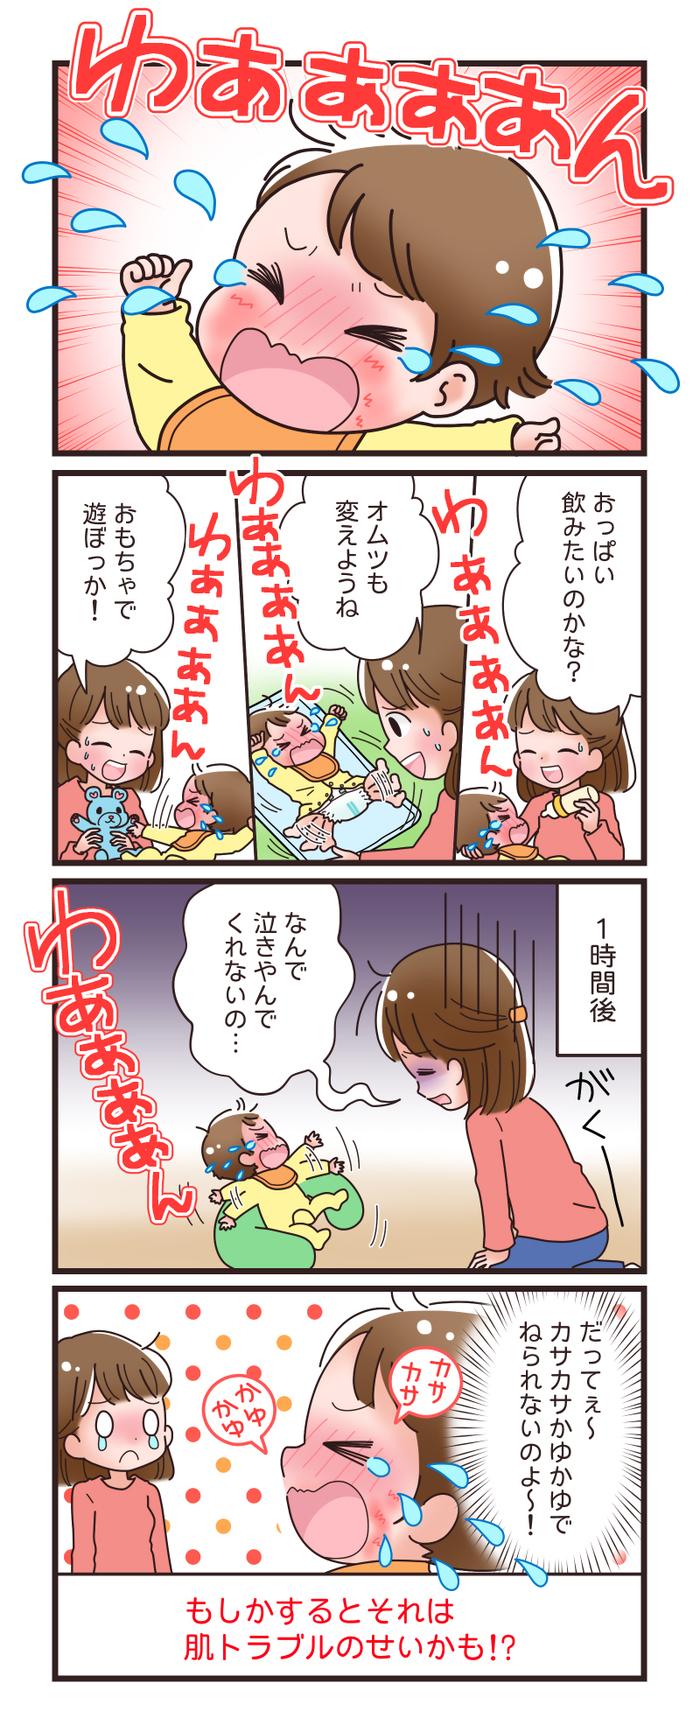 スキンケアのお悩み解決!赤ちゃんとママの笑顔あふれる毎日を願って。の画像1